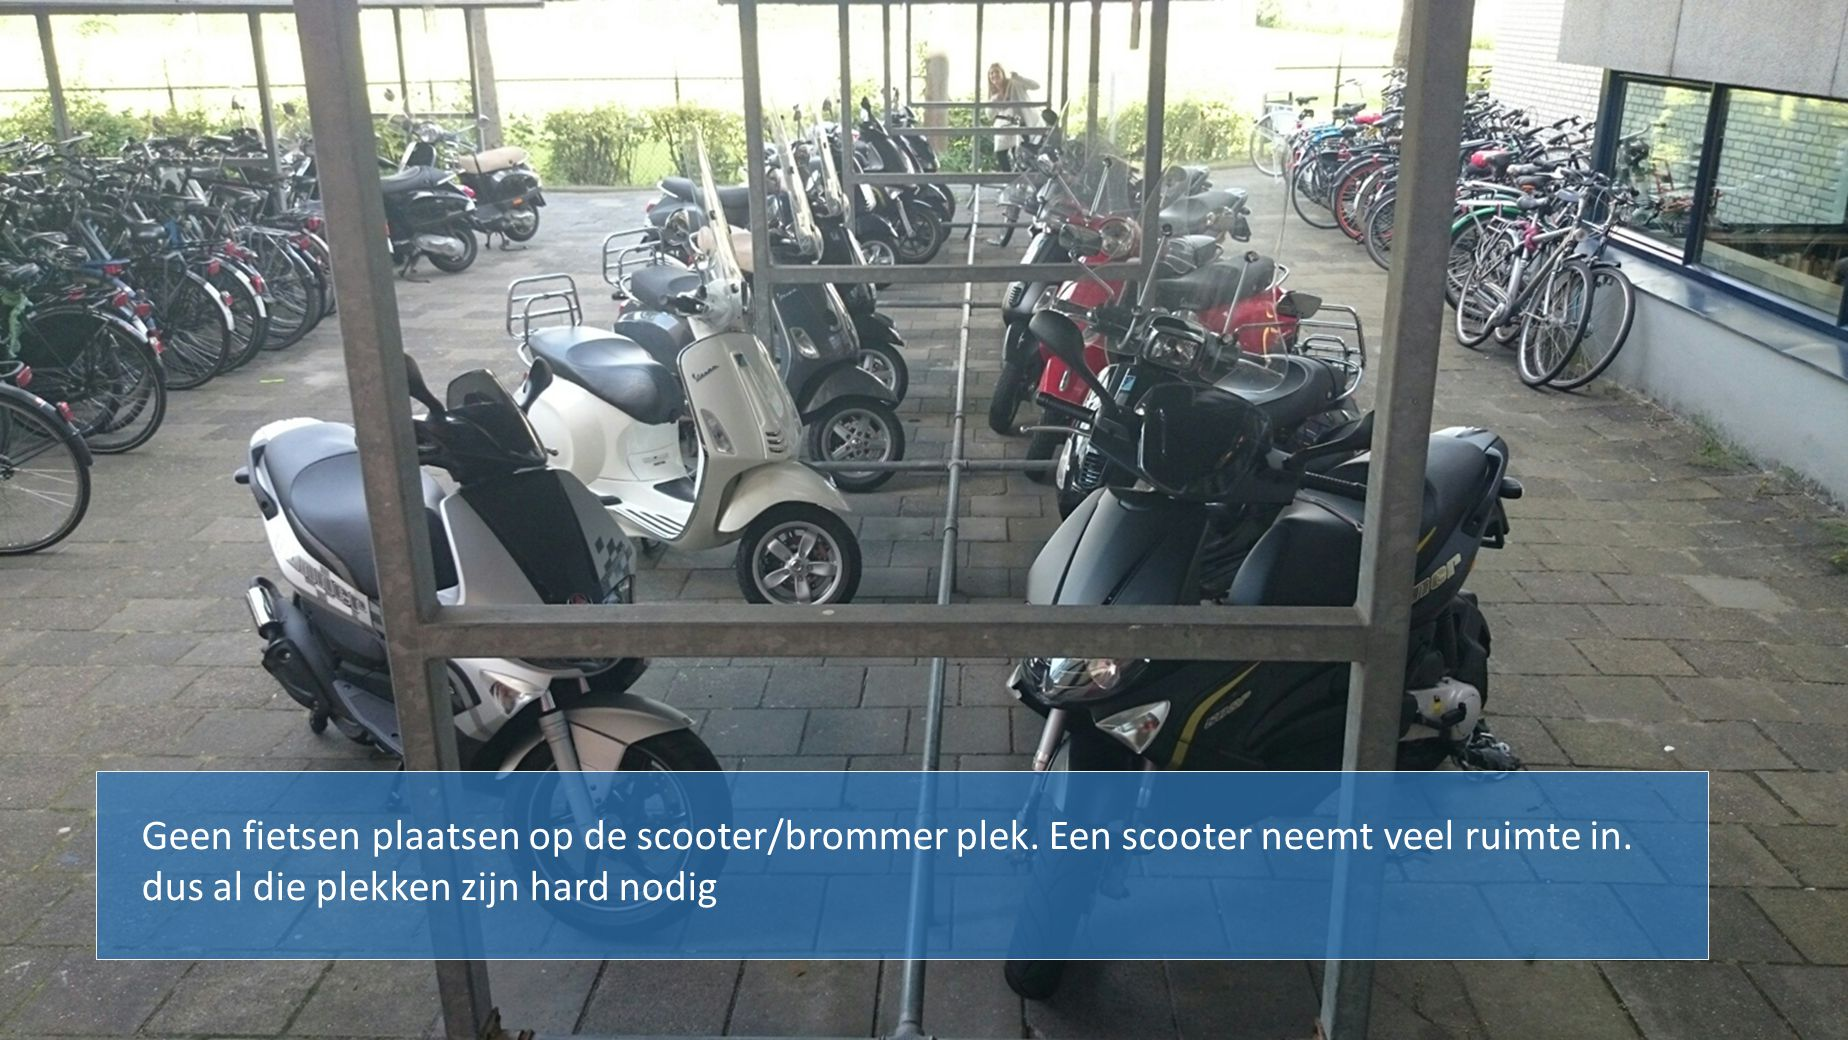 Geen fietsen plaatsen op de scooter/brommer plek. Een scooter neemt veel ruimte in. dus al die plekken zijn hard nodig